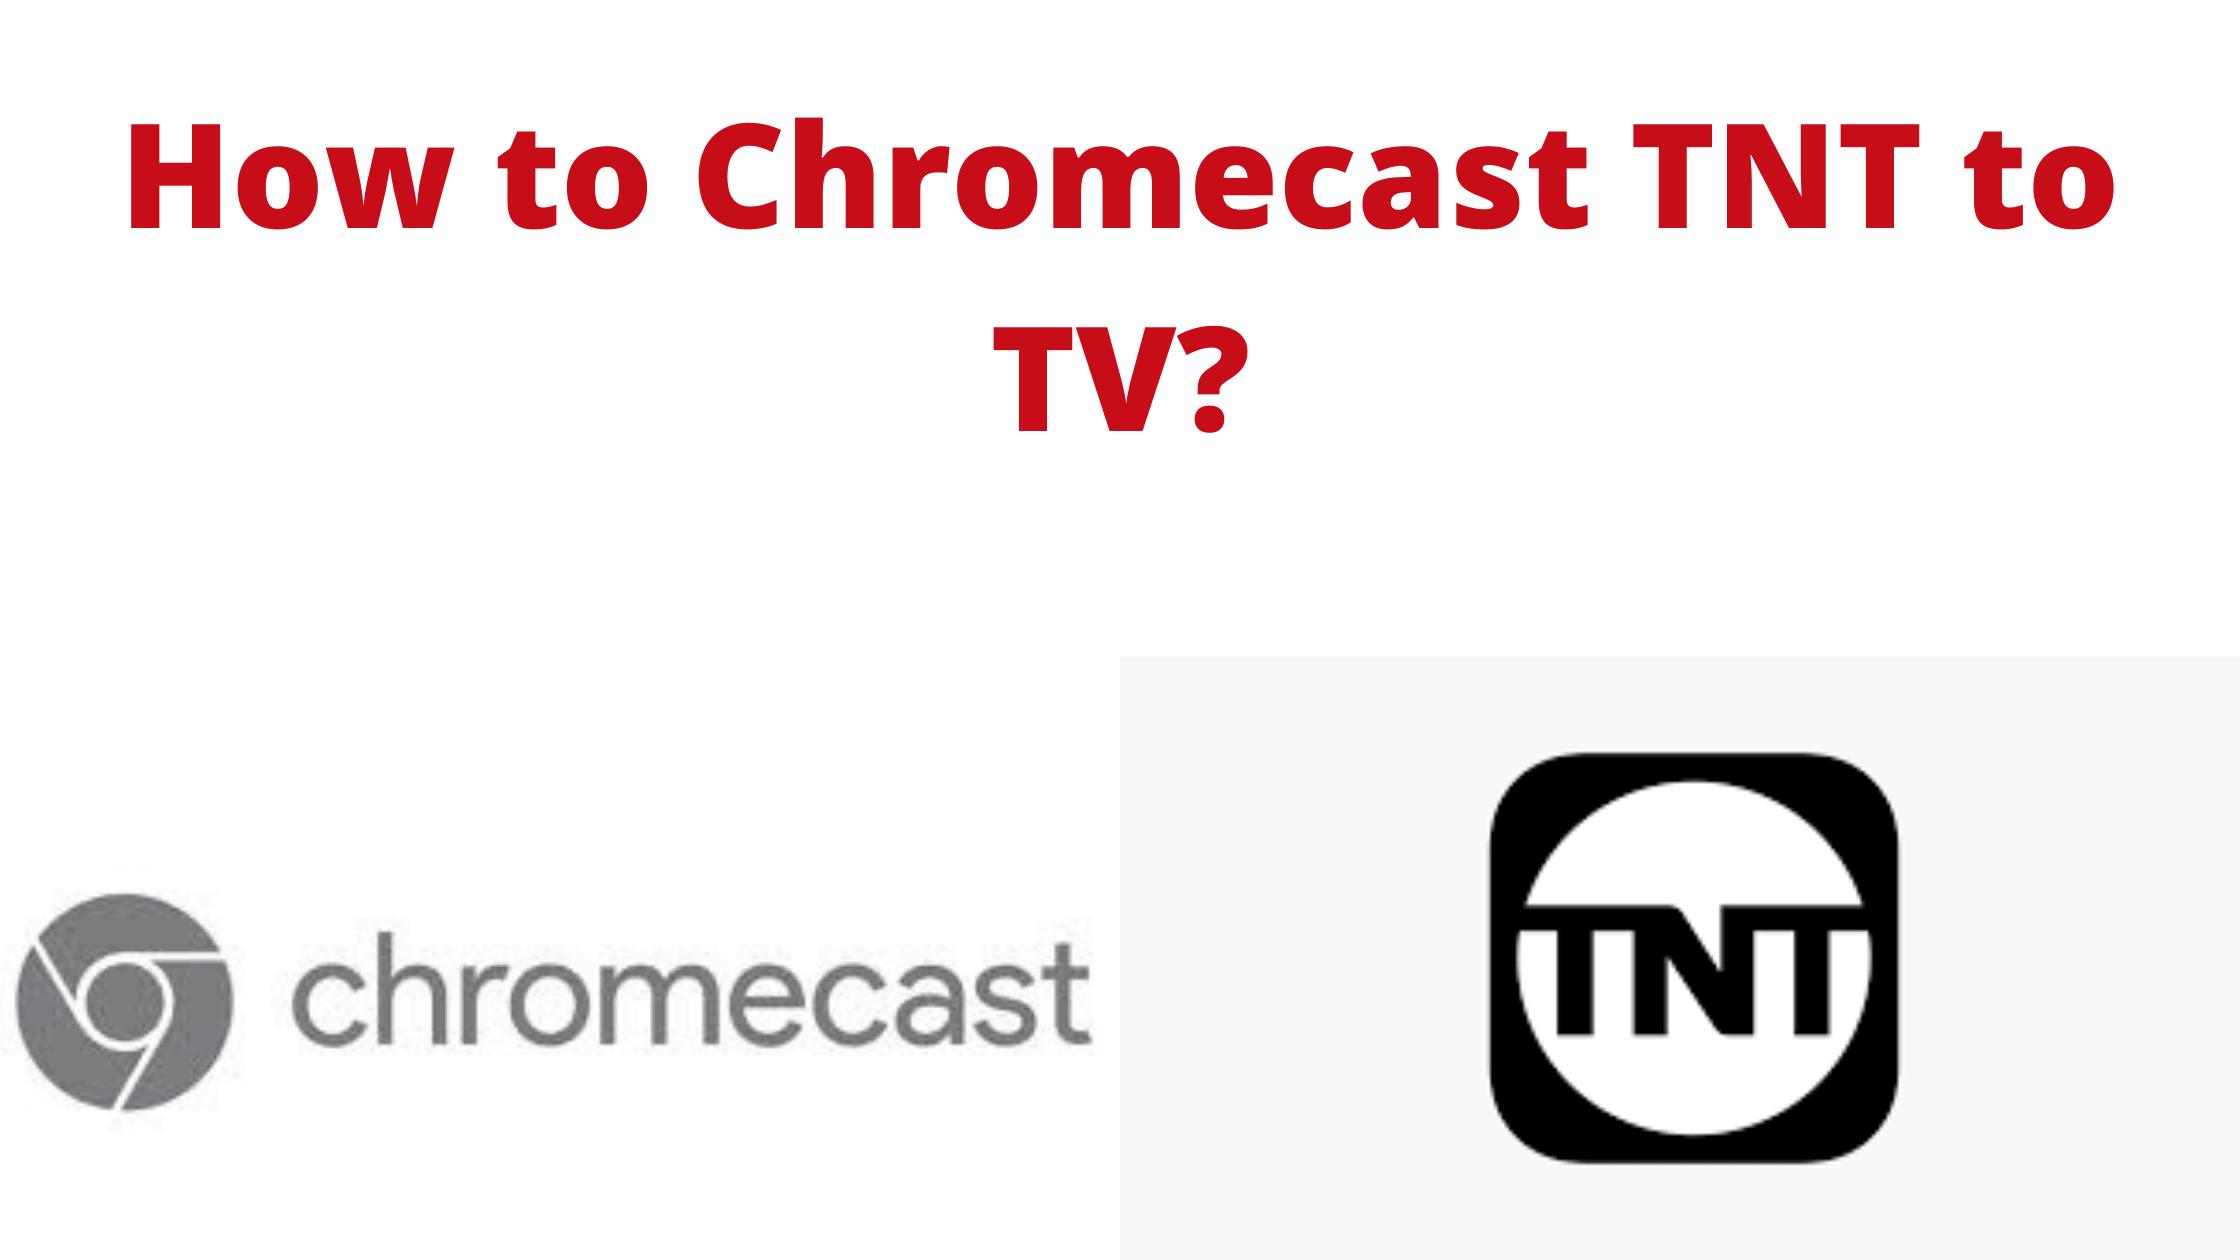 Chromecast TNT to TV